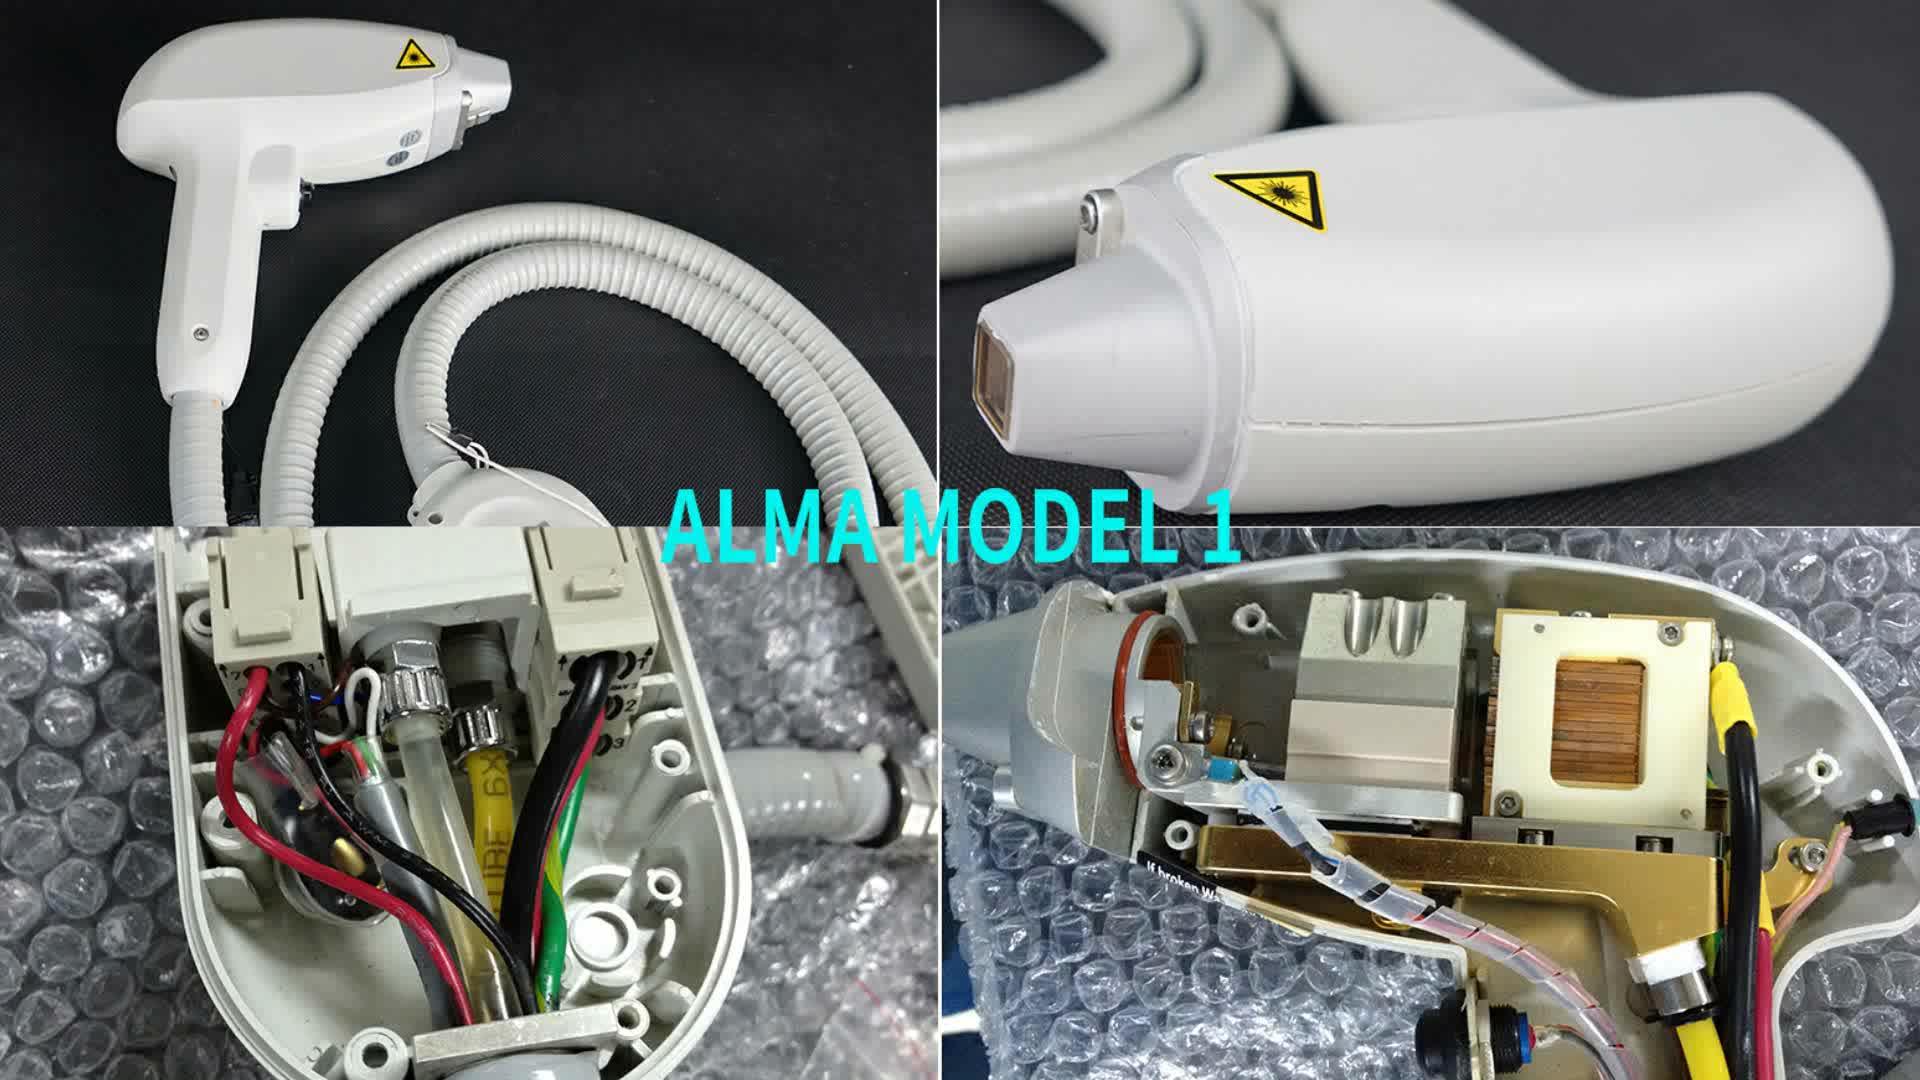 ソプラノ氷母校レーザーハンドピース修理/808nm 母校ソプラノ氷プラチナダイオードレーザー修正